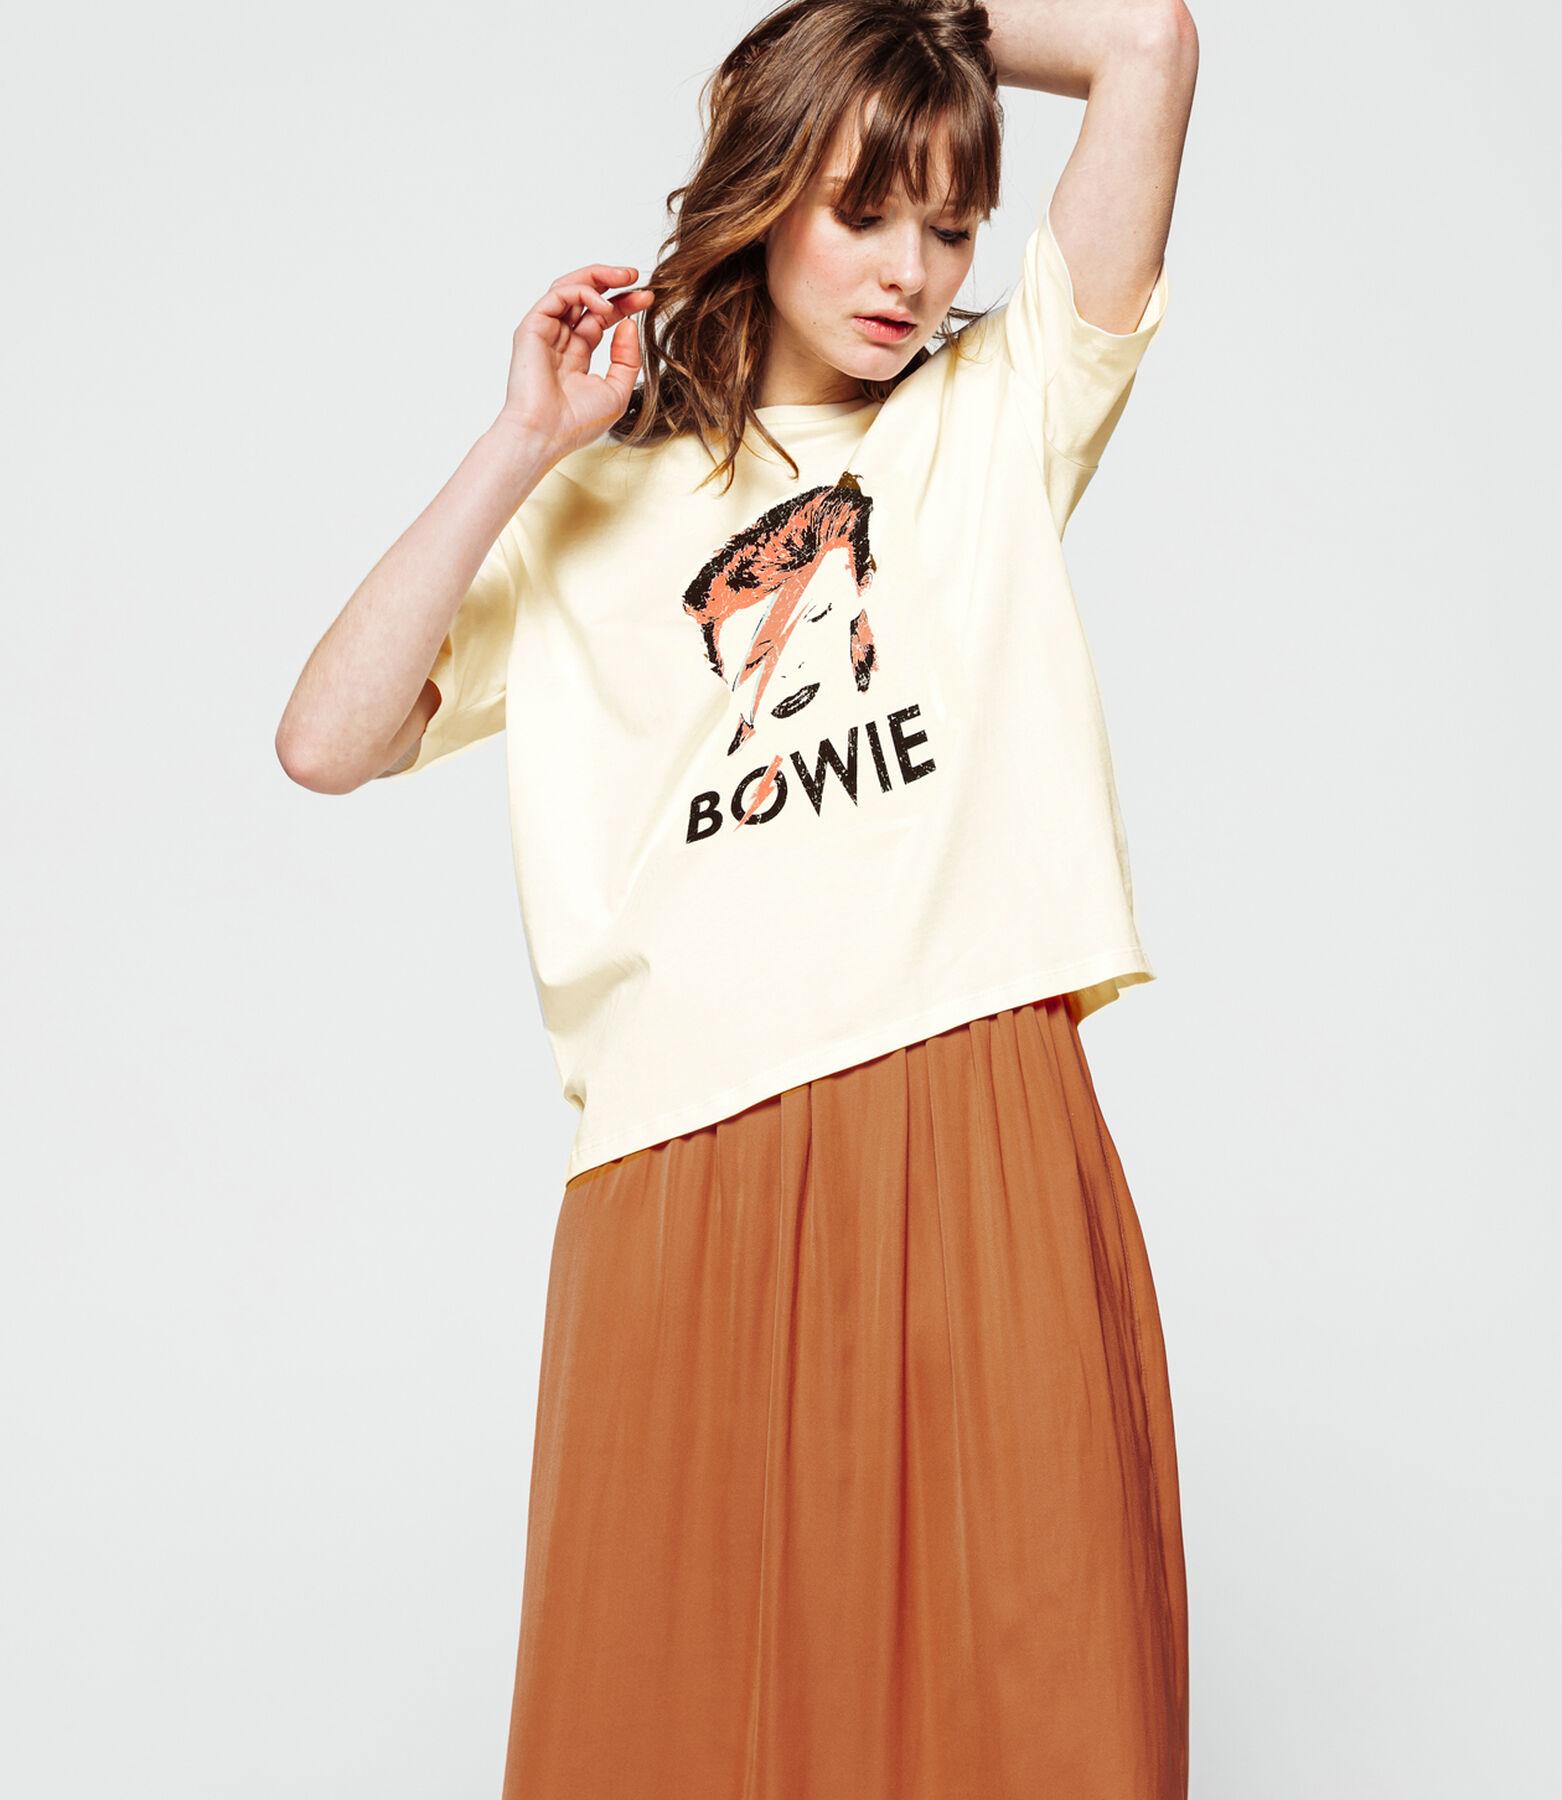 T-shirt groupe de rock Bowie